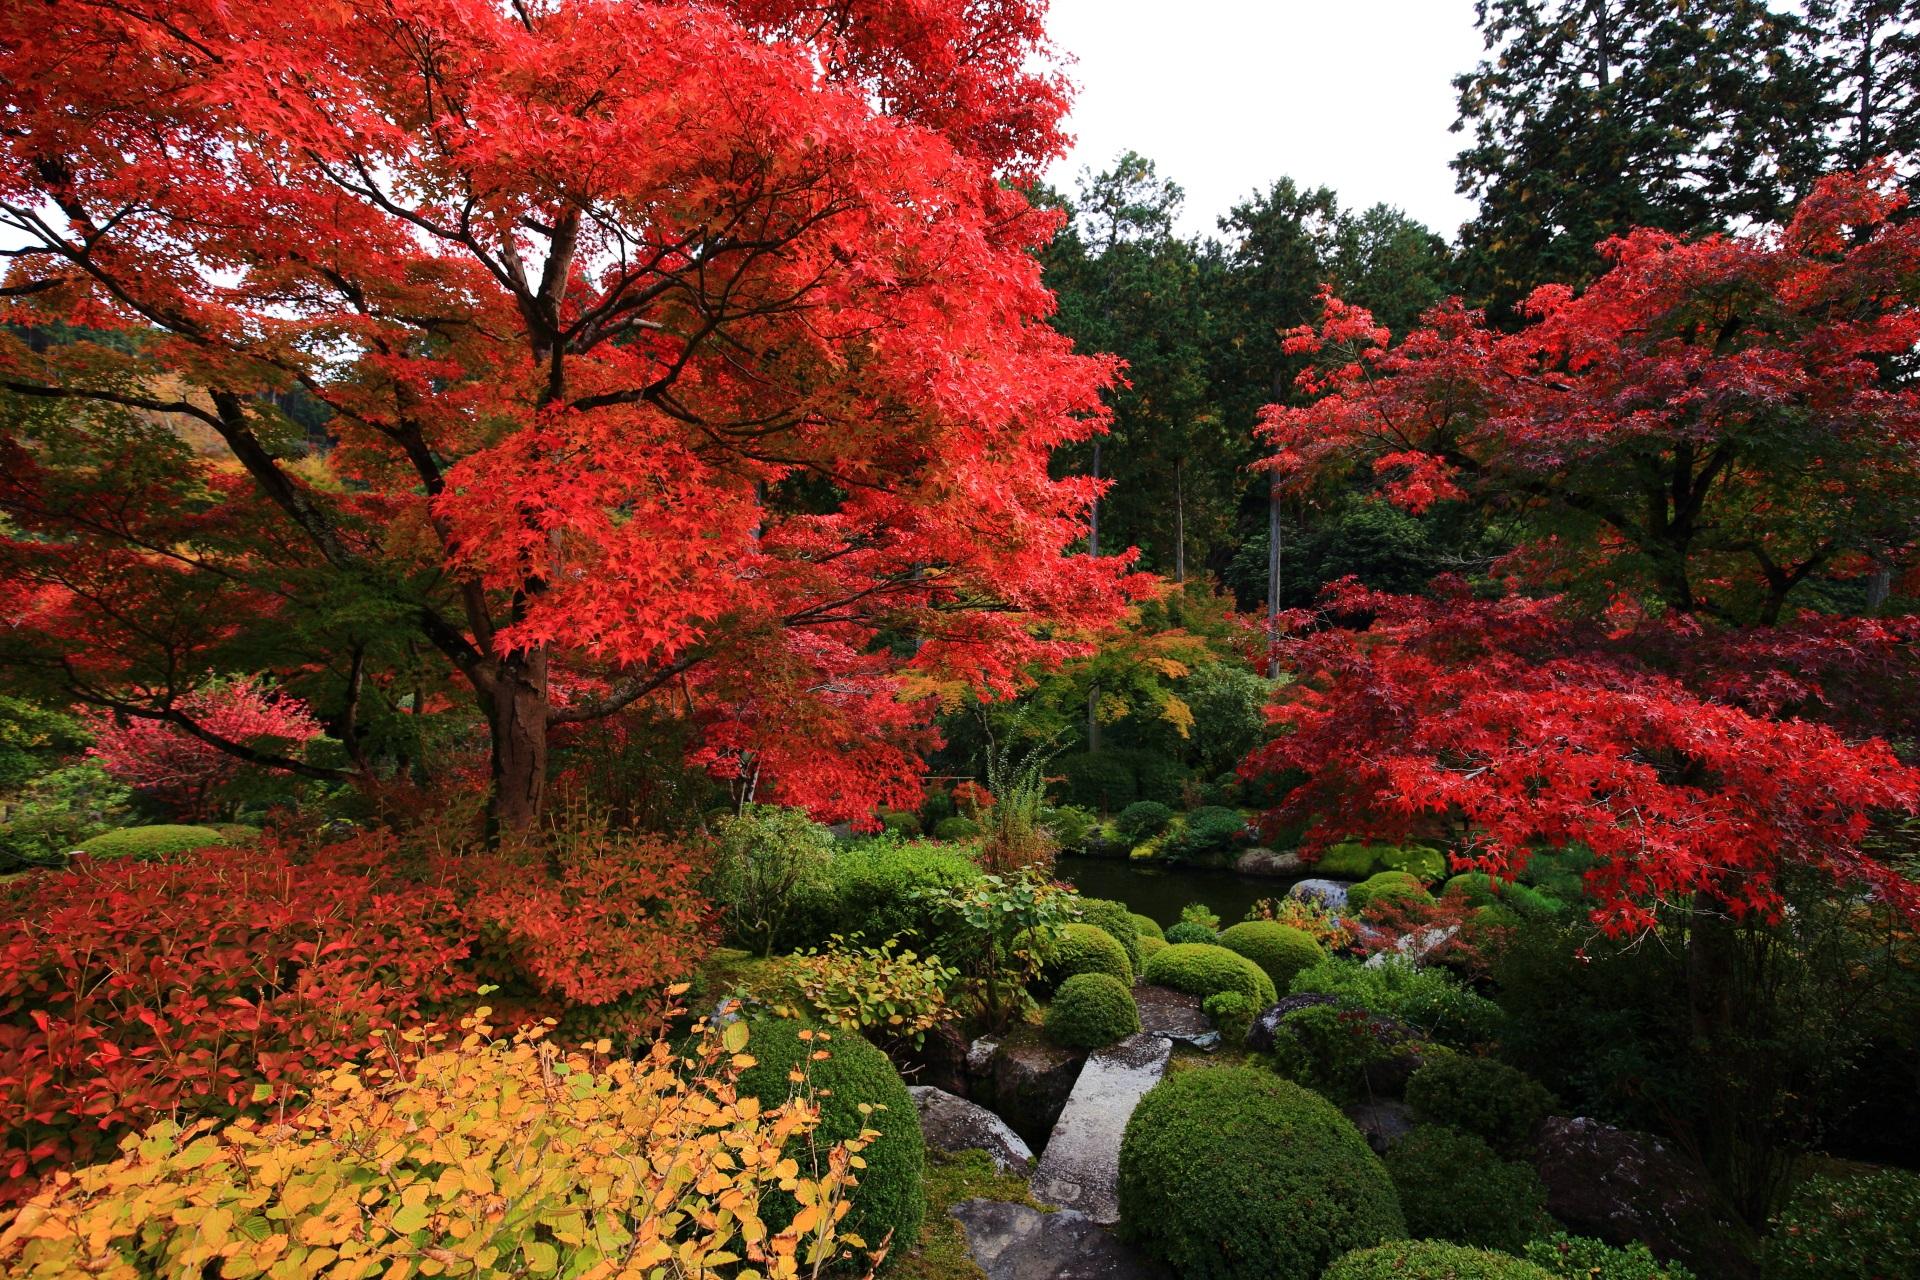 三室戸寺の池泉回遊式庭園の美しい緑の中で溢れる赤い紅葉